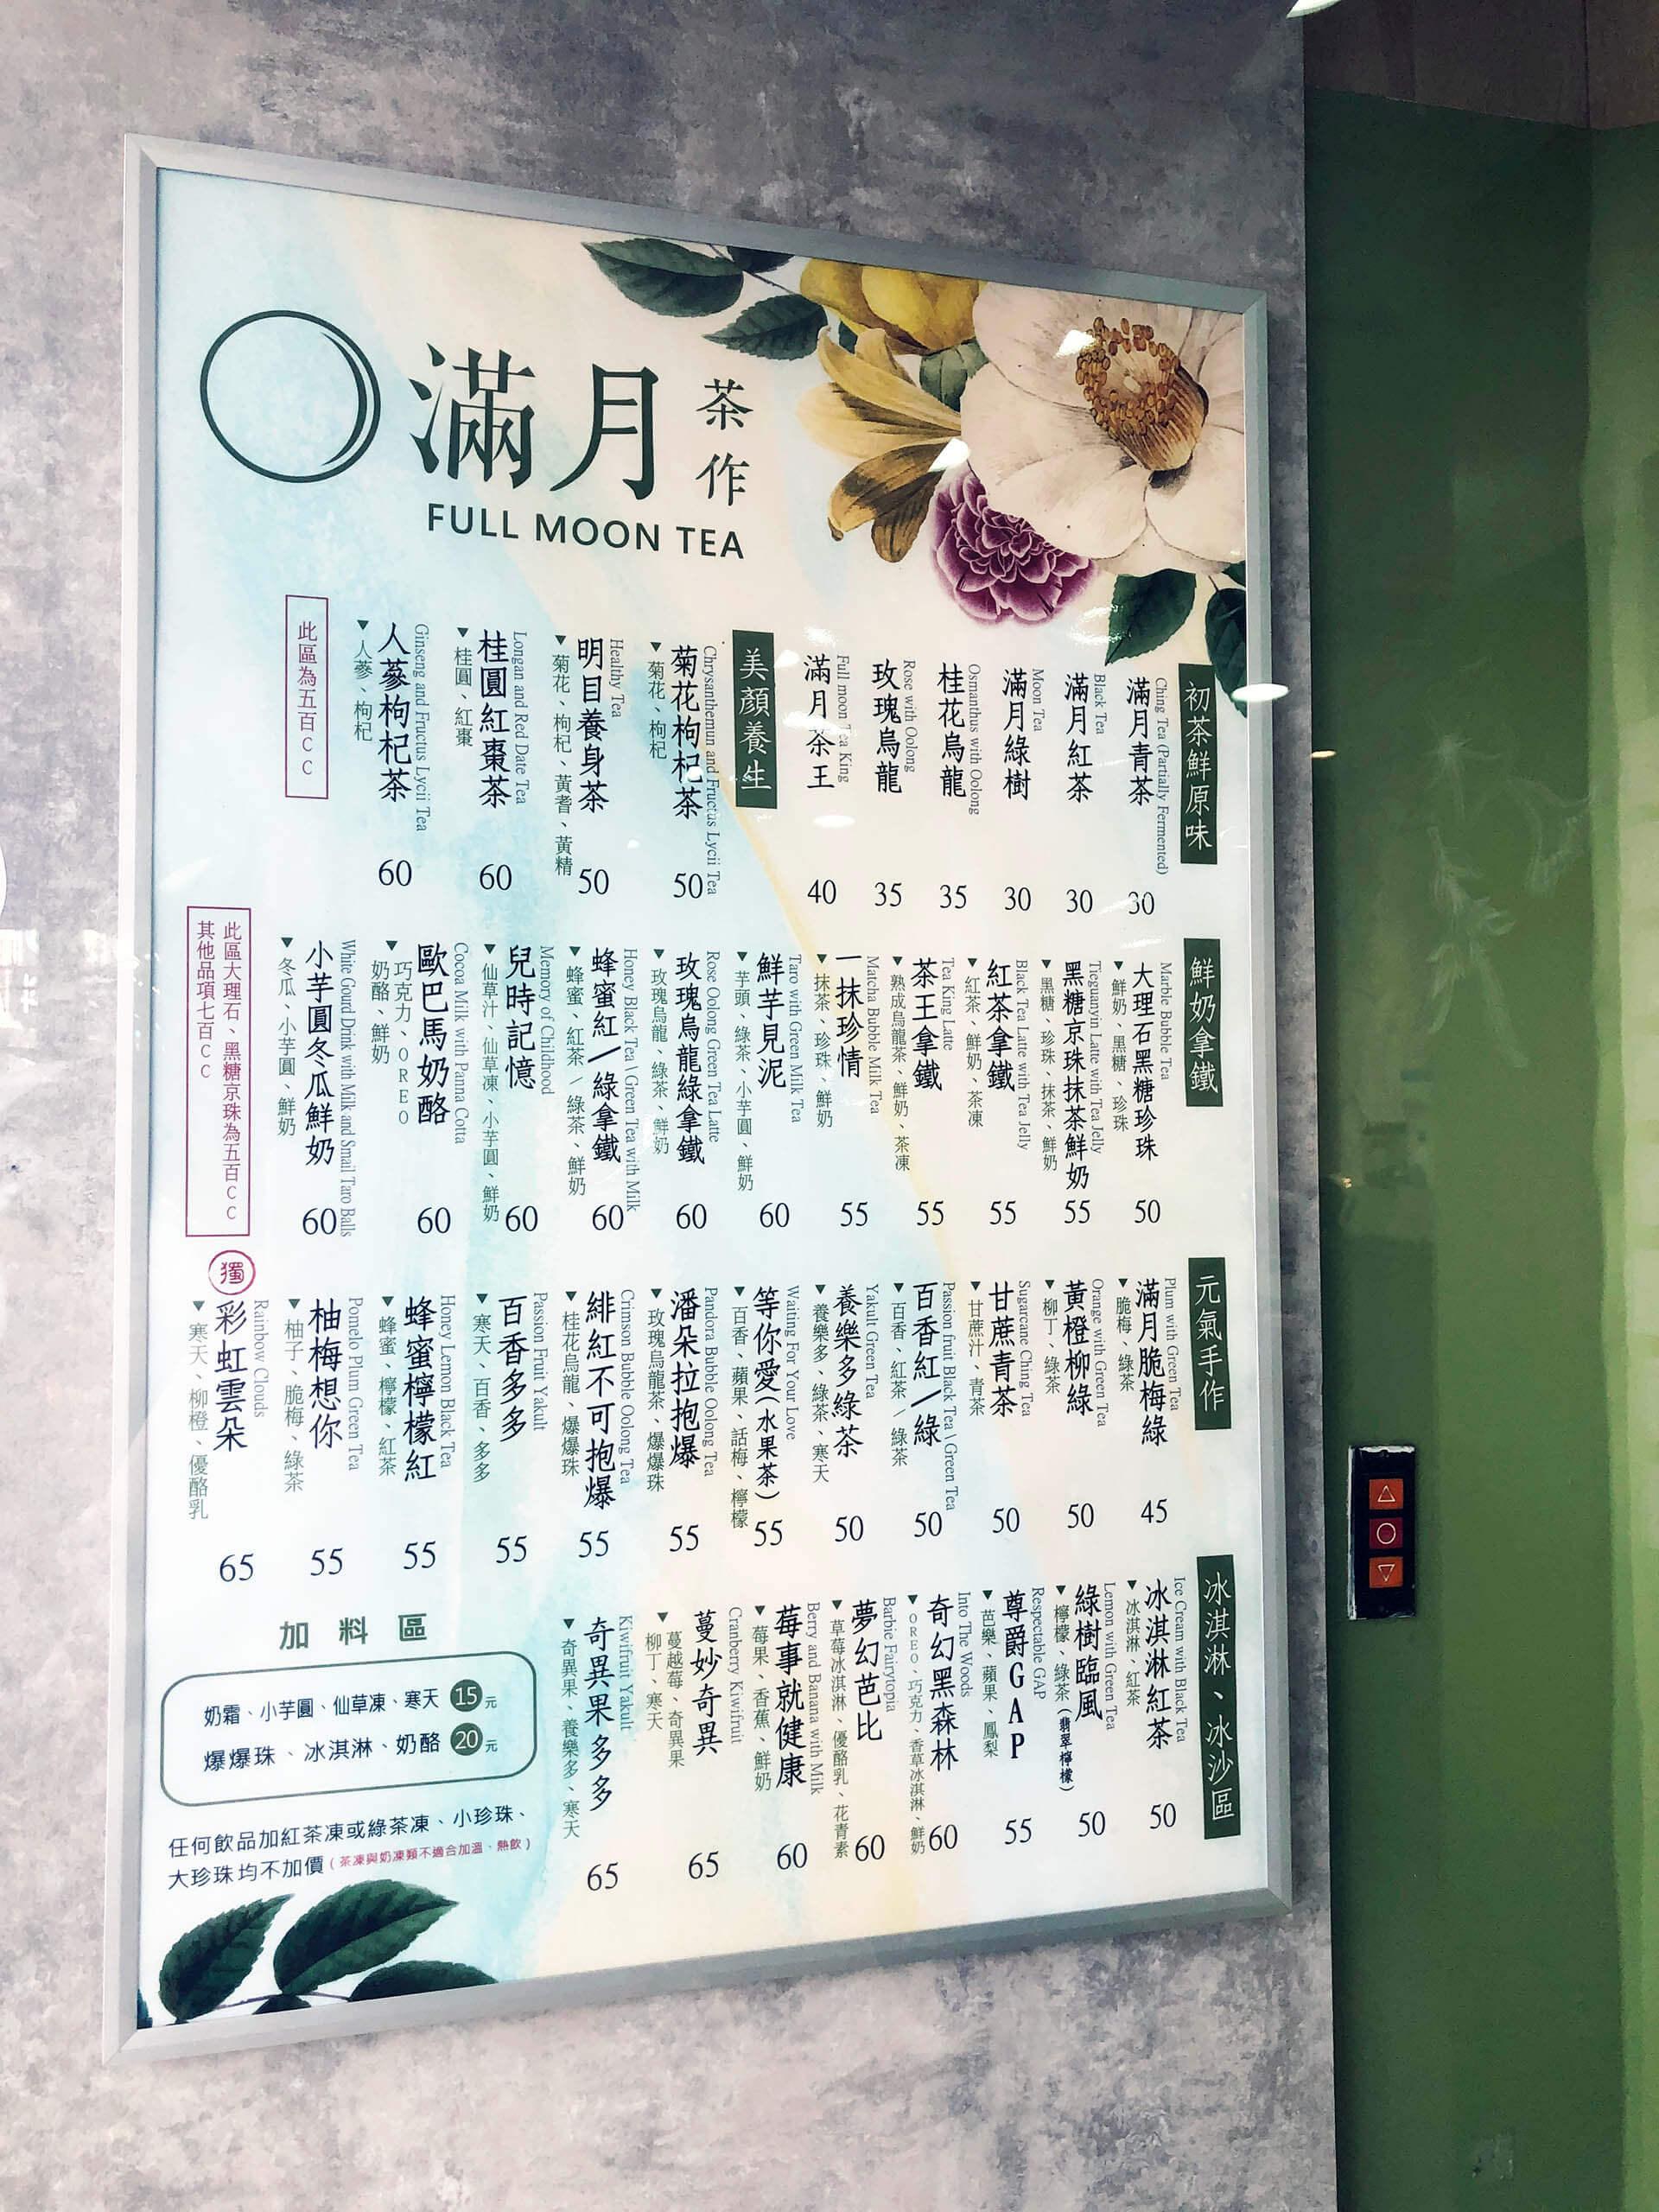 滿月茶作菜單